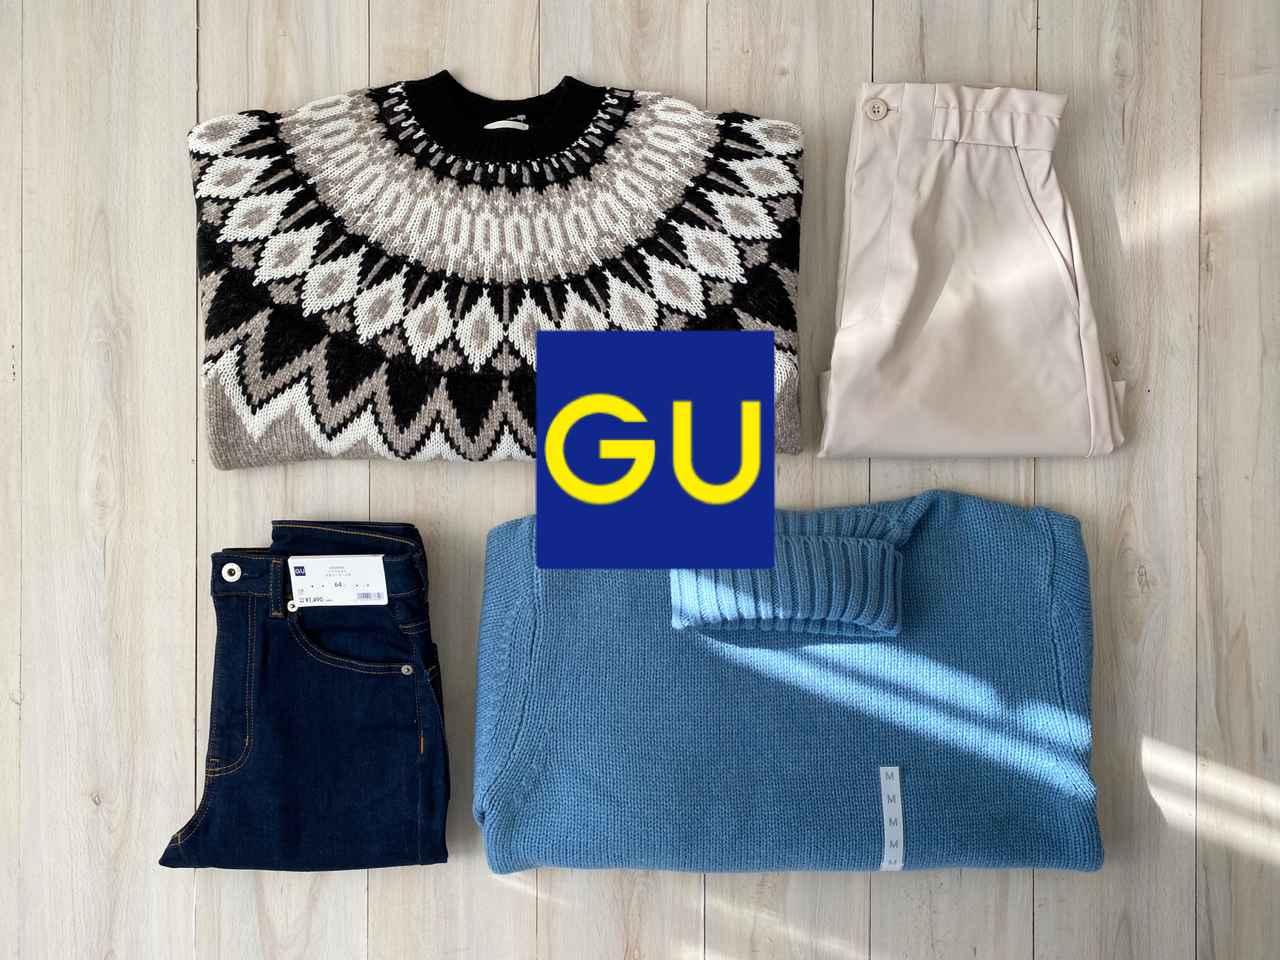 画像11: 【GU】ちょい派手が可愛いメンズニット!!とセール購入品。【コーデ】